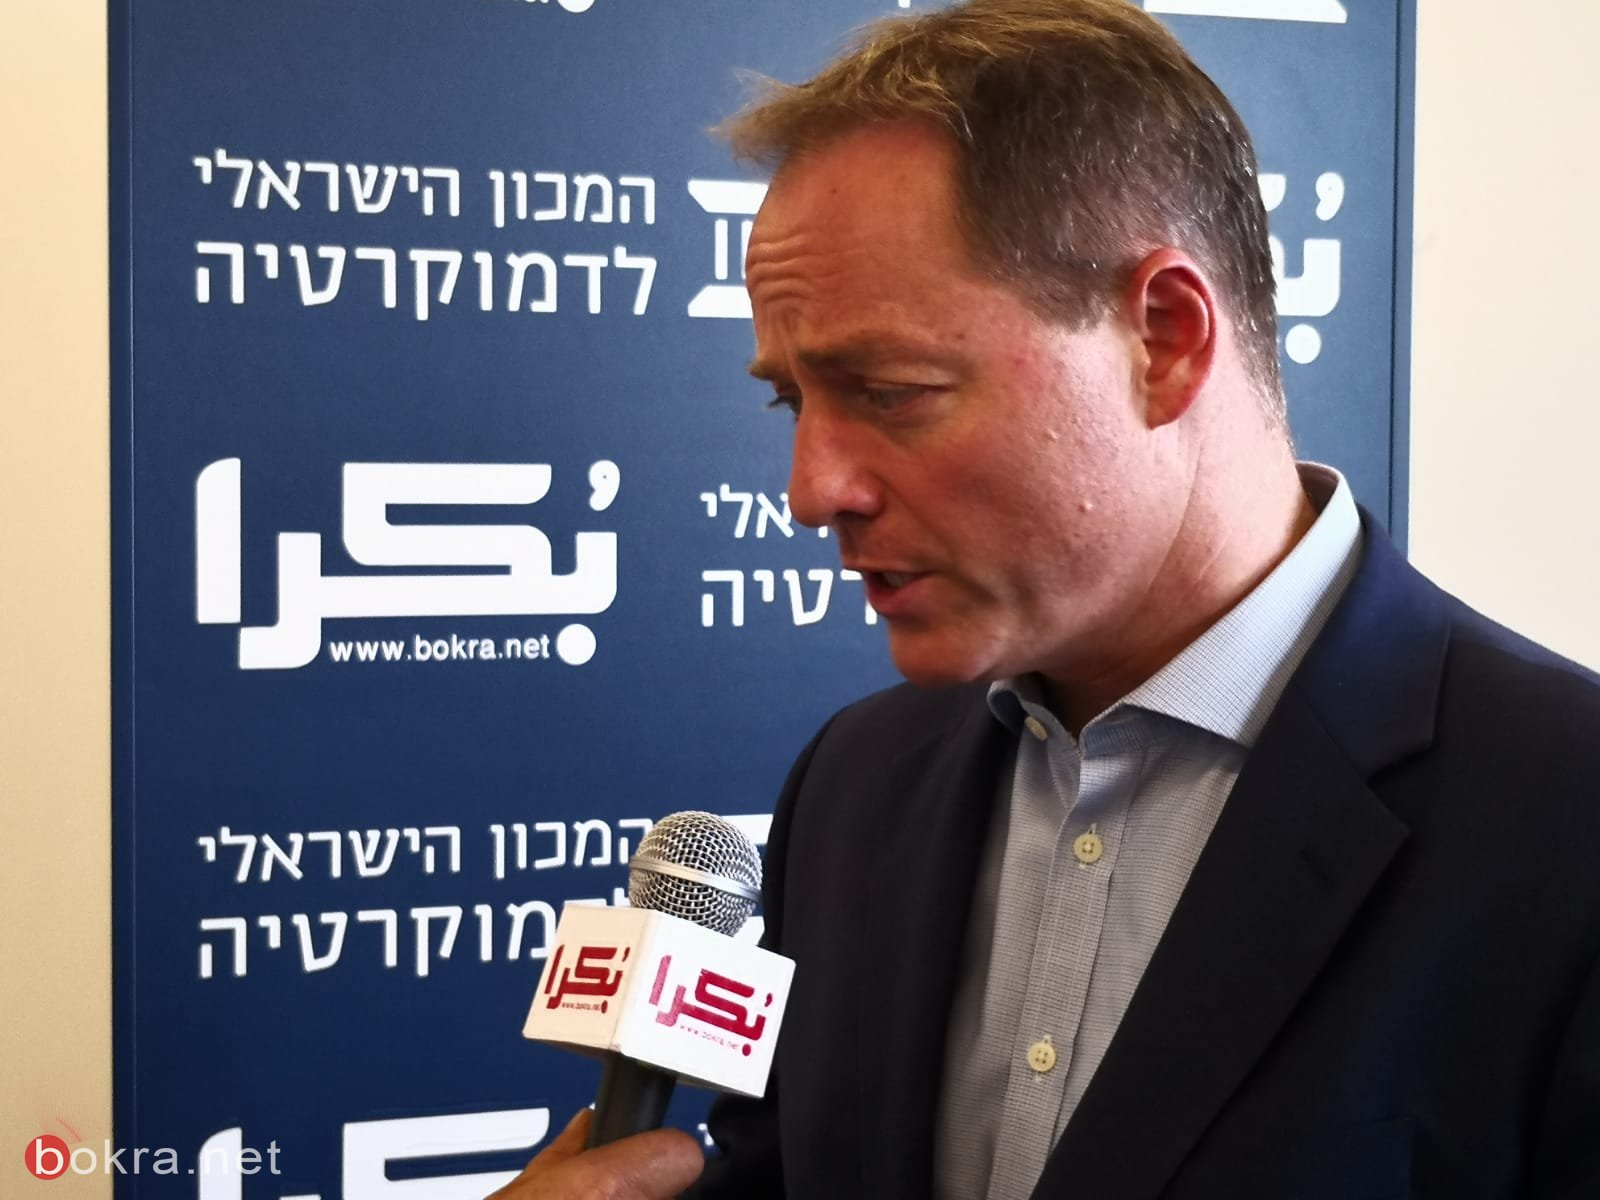 العنف في المجتمع العربي، أسبابه، والحلول لمكافحته؟ .. يوم دراسي في الناصرة-142